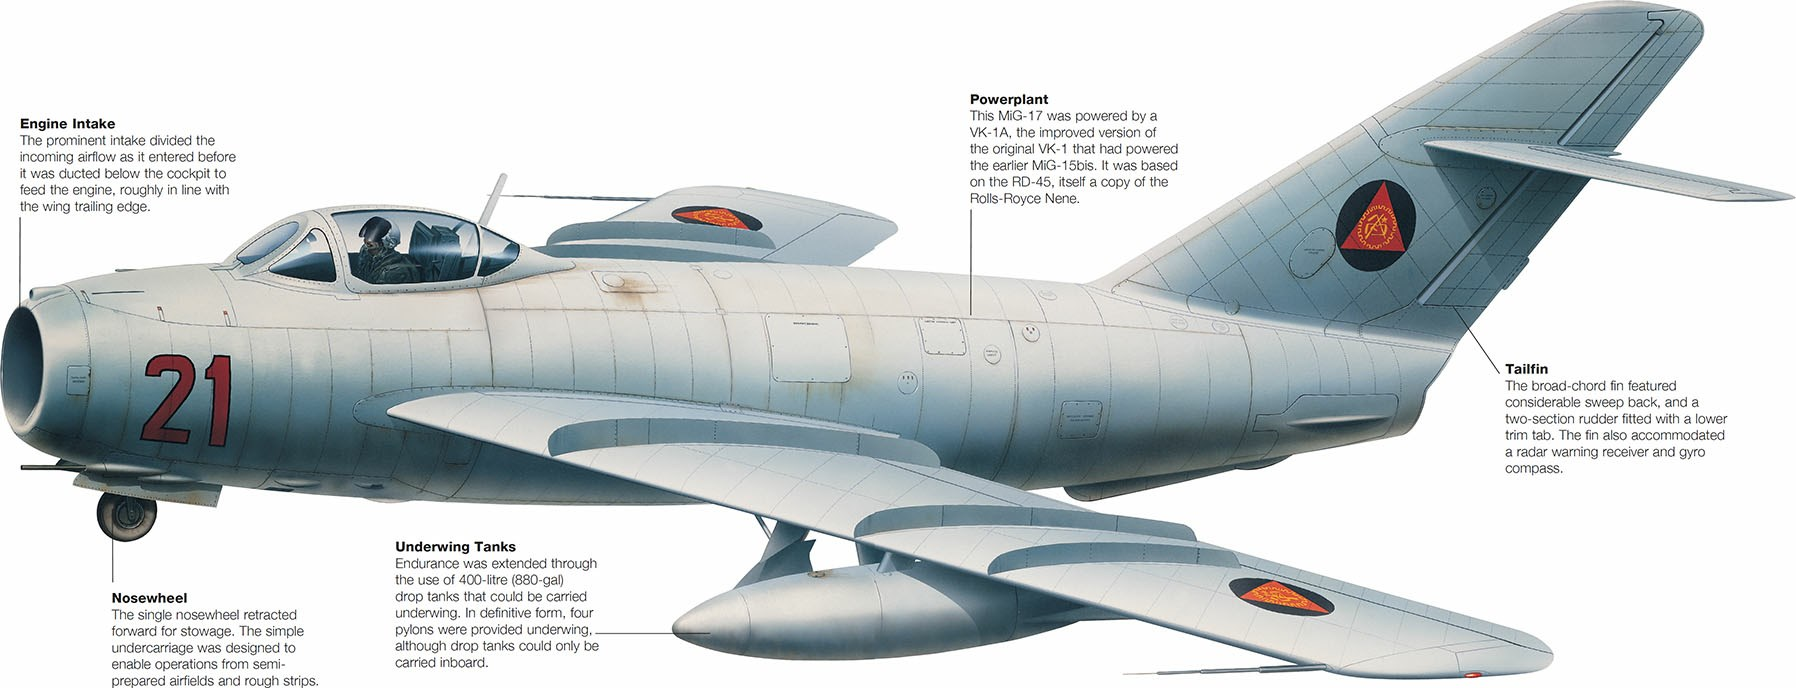 Mais de 10.000 unidades da série MiG-17 foram produzidas e serviram em várias forças aéreas.